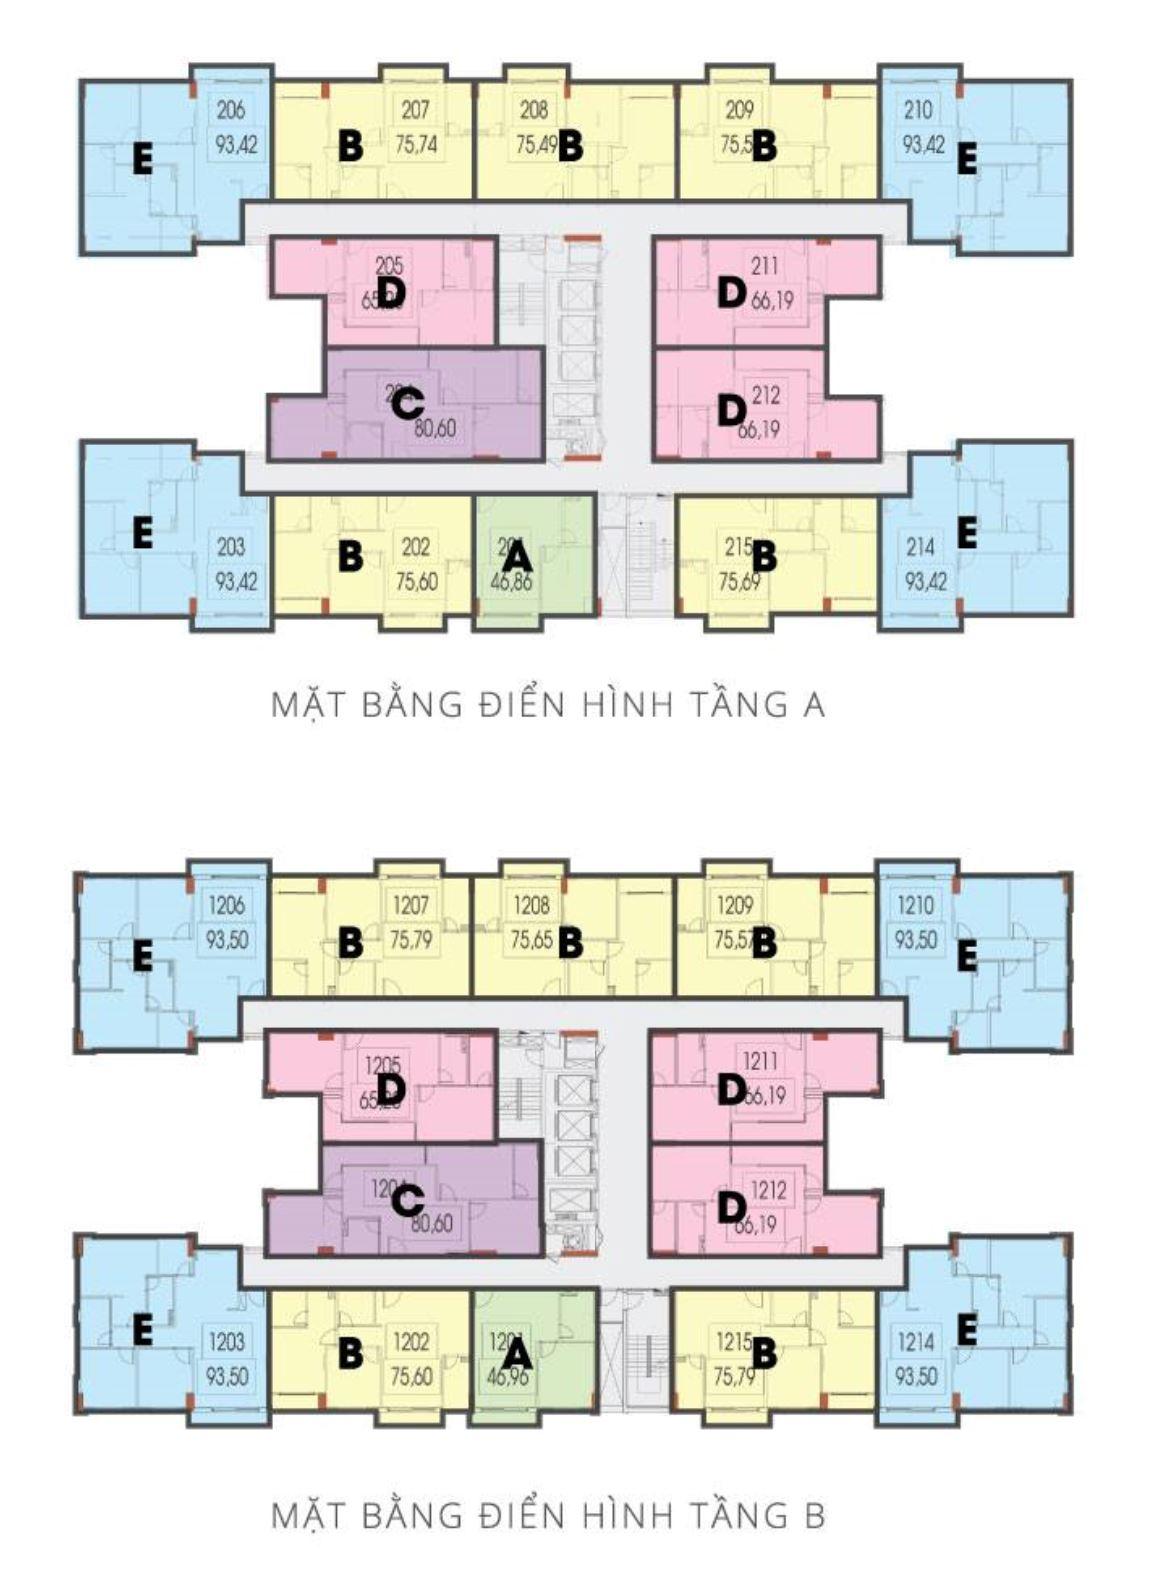 Mặt bằng tầng A và B CT4 VCN Phước Hải